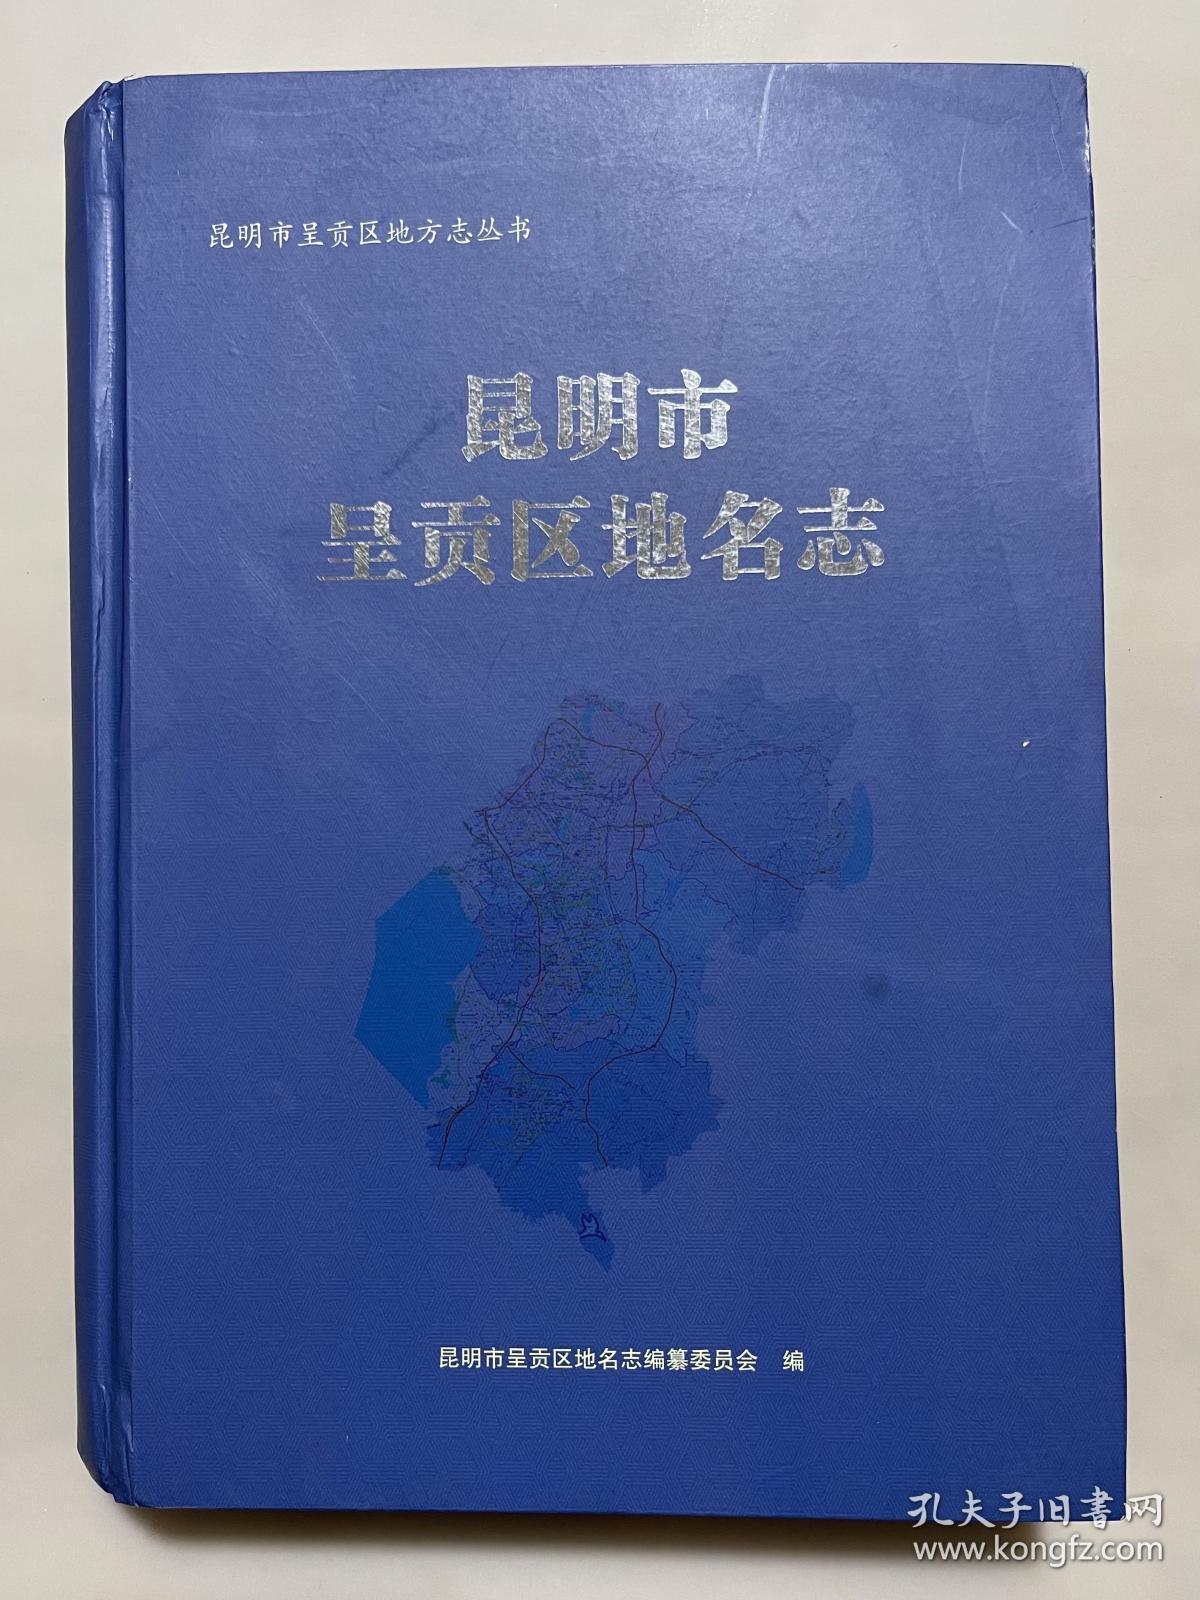 昆明市呈贡区地名志